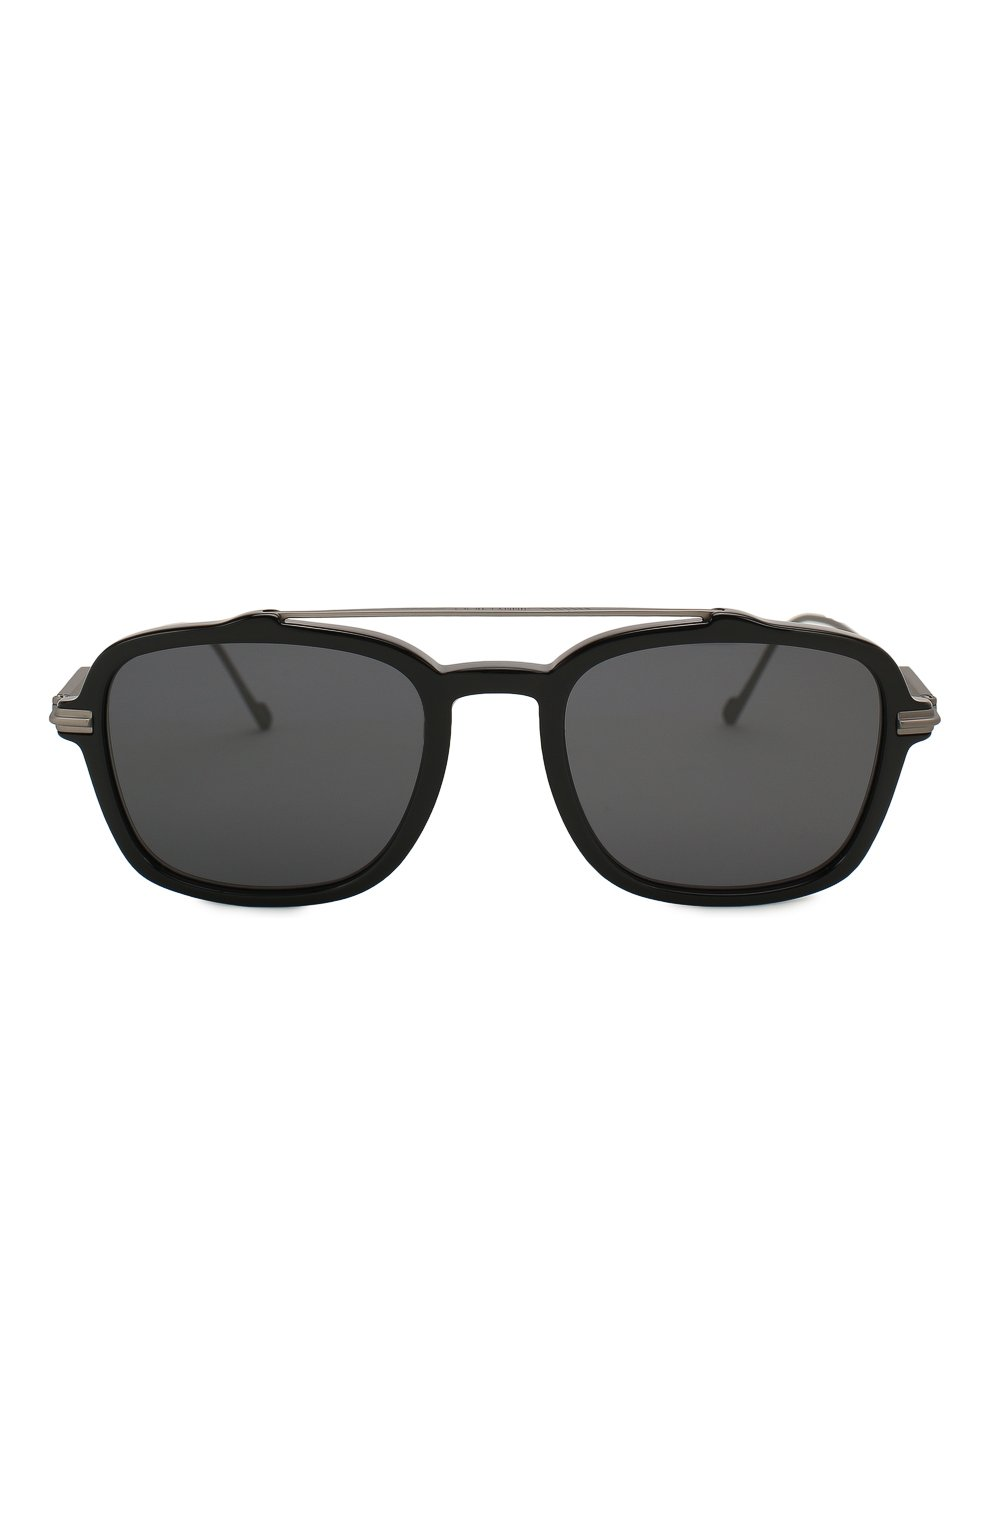 Мужские солнцезащитные очки JIMMY CHOO черного цвета, арт. KEVIN 807 | Фото 3